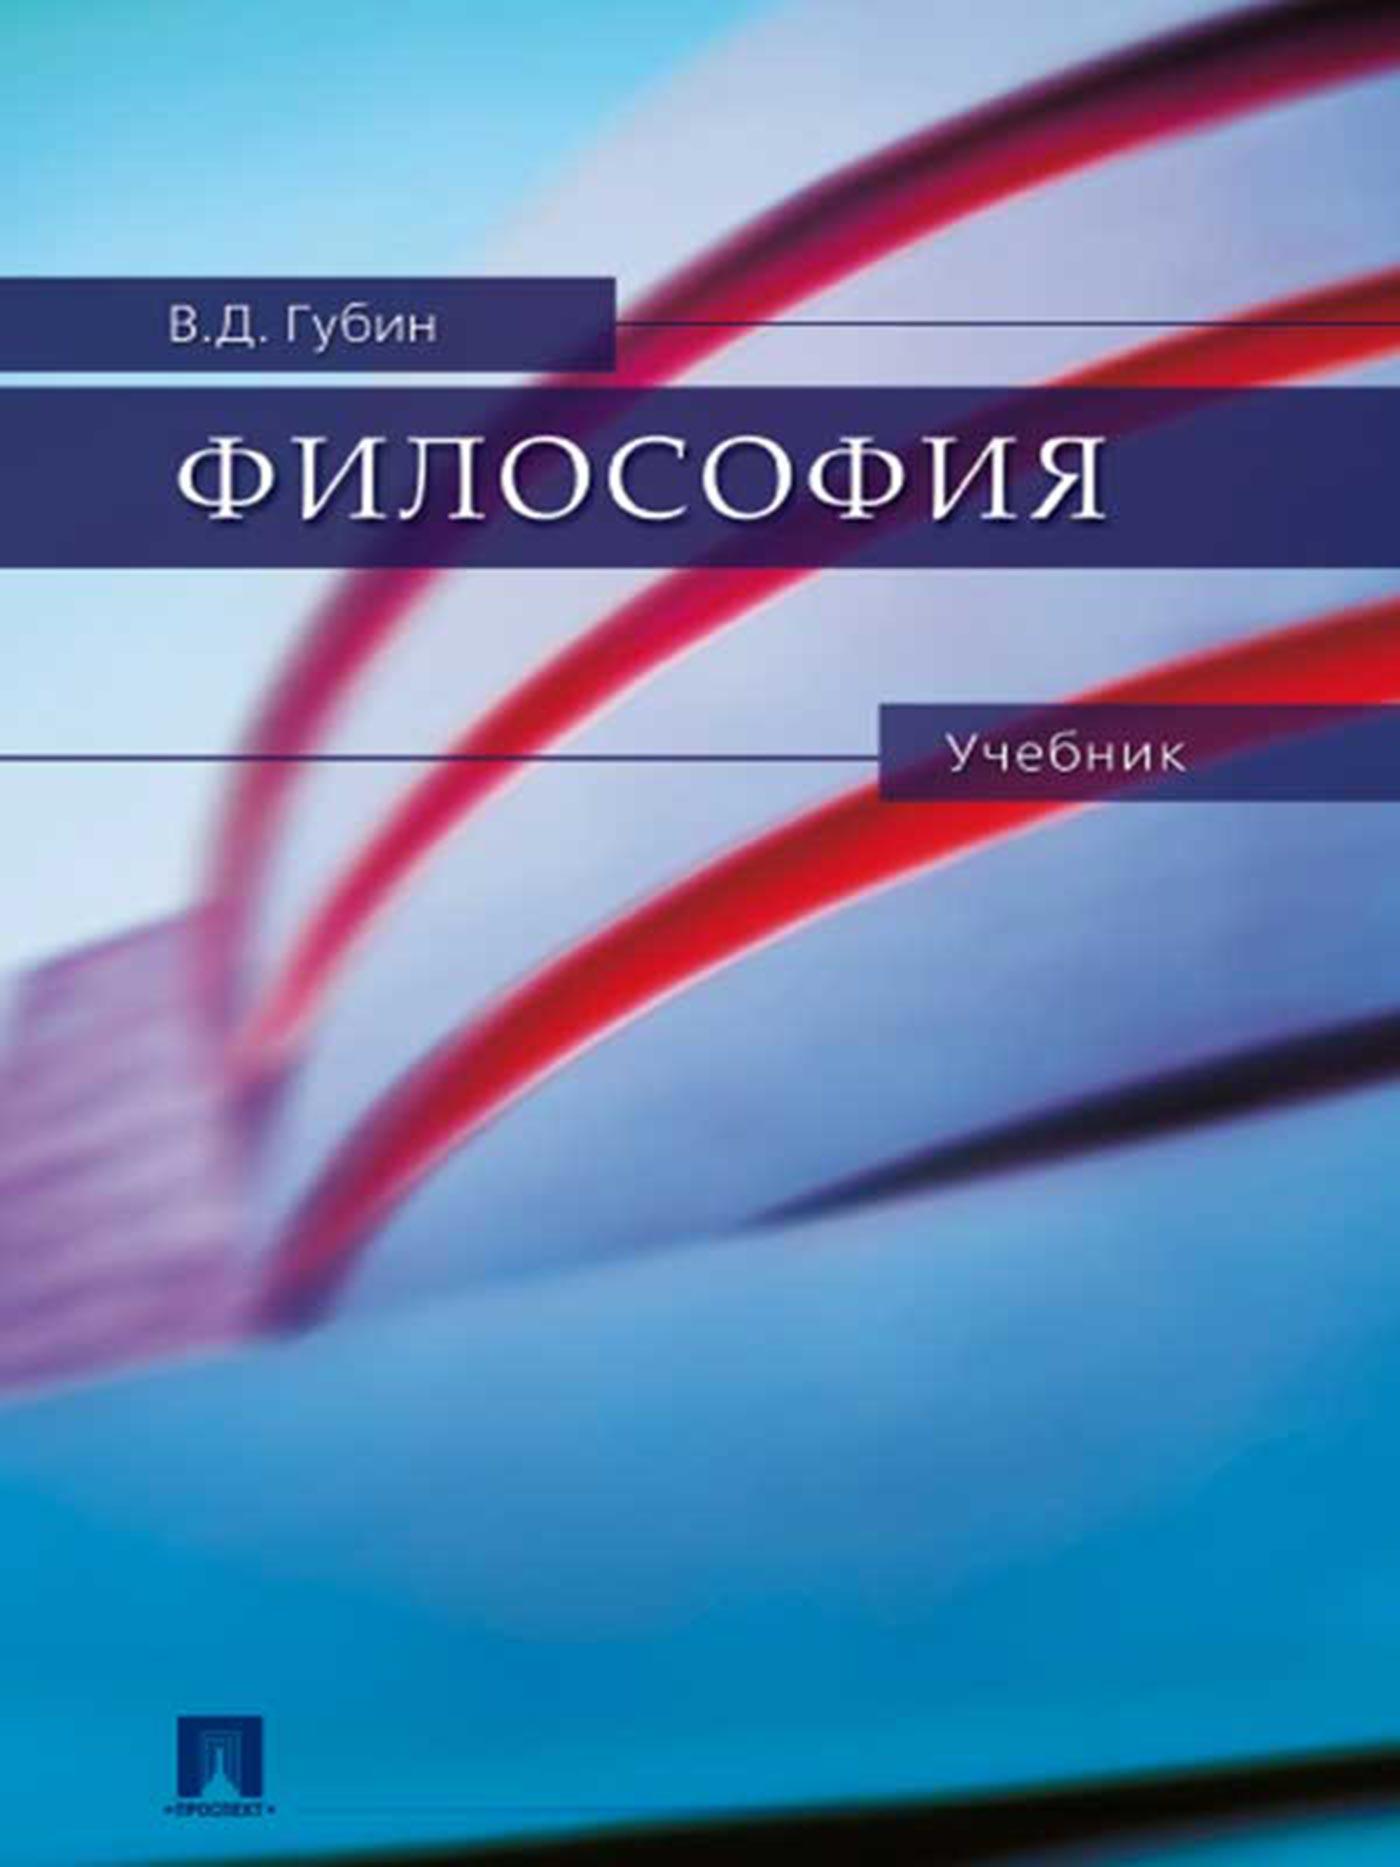 В. Д. Губин Философия губин в д философия 5 е изд